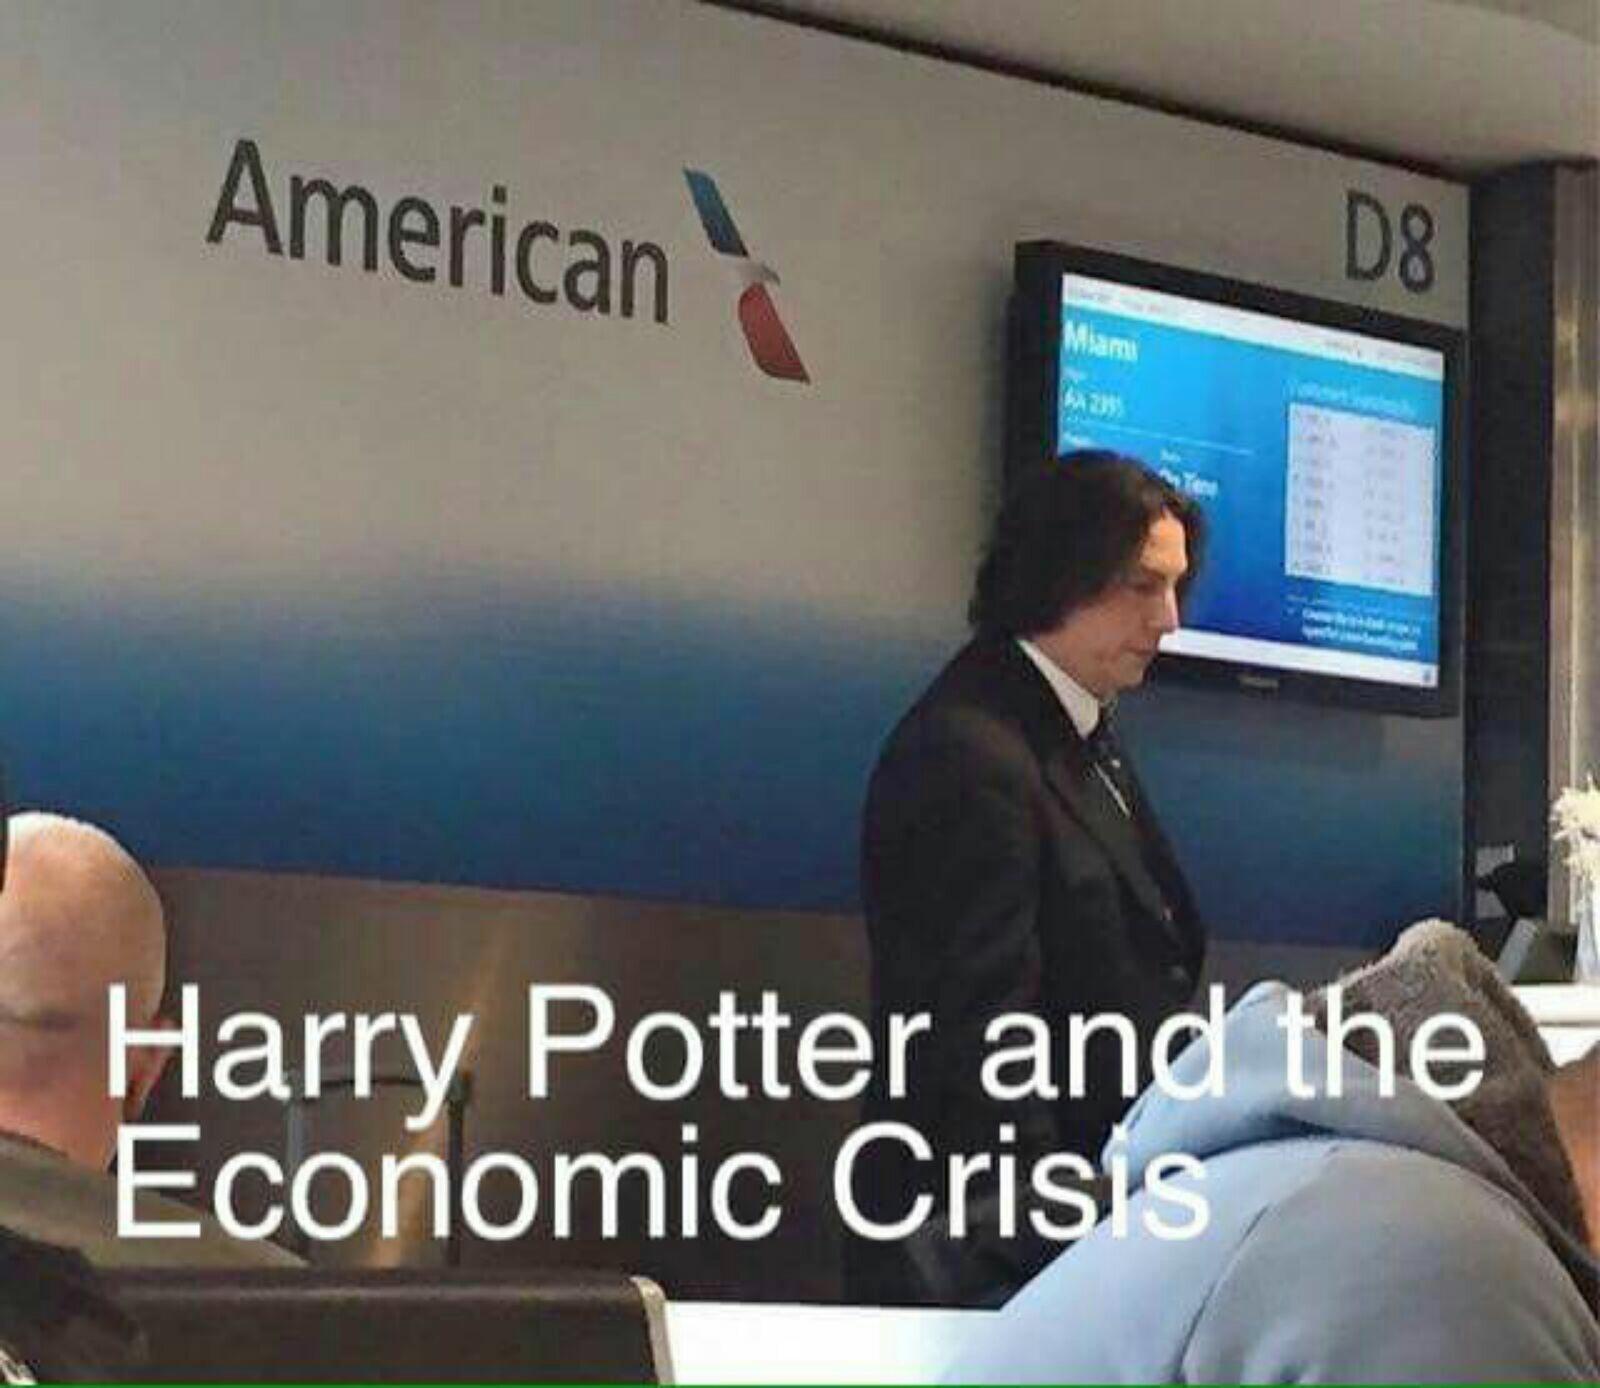 Hogwarts crisis - meme